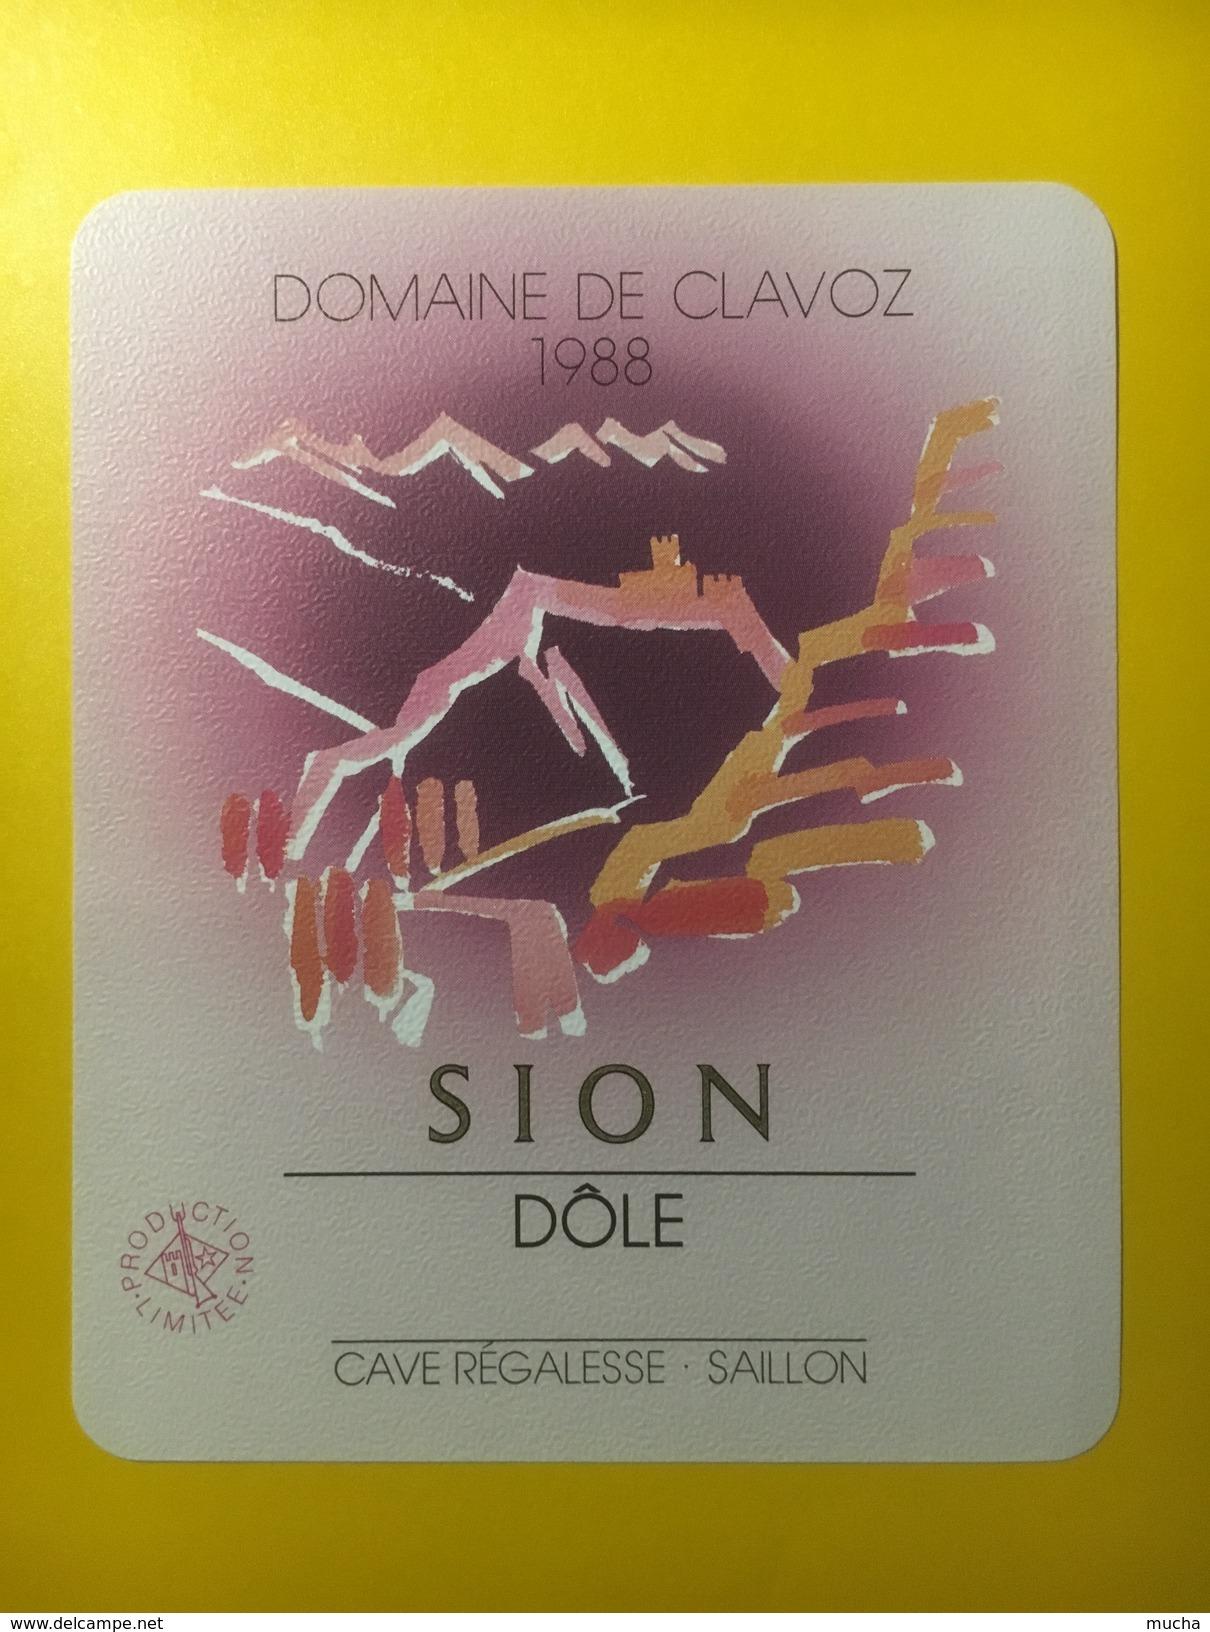 3119 -  Suisse Valais Domaine Clavoz 1988 Dôle - Autres